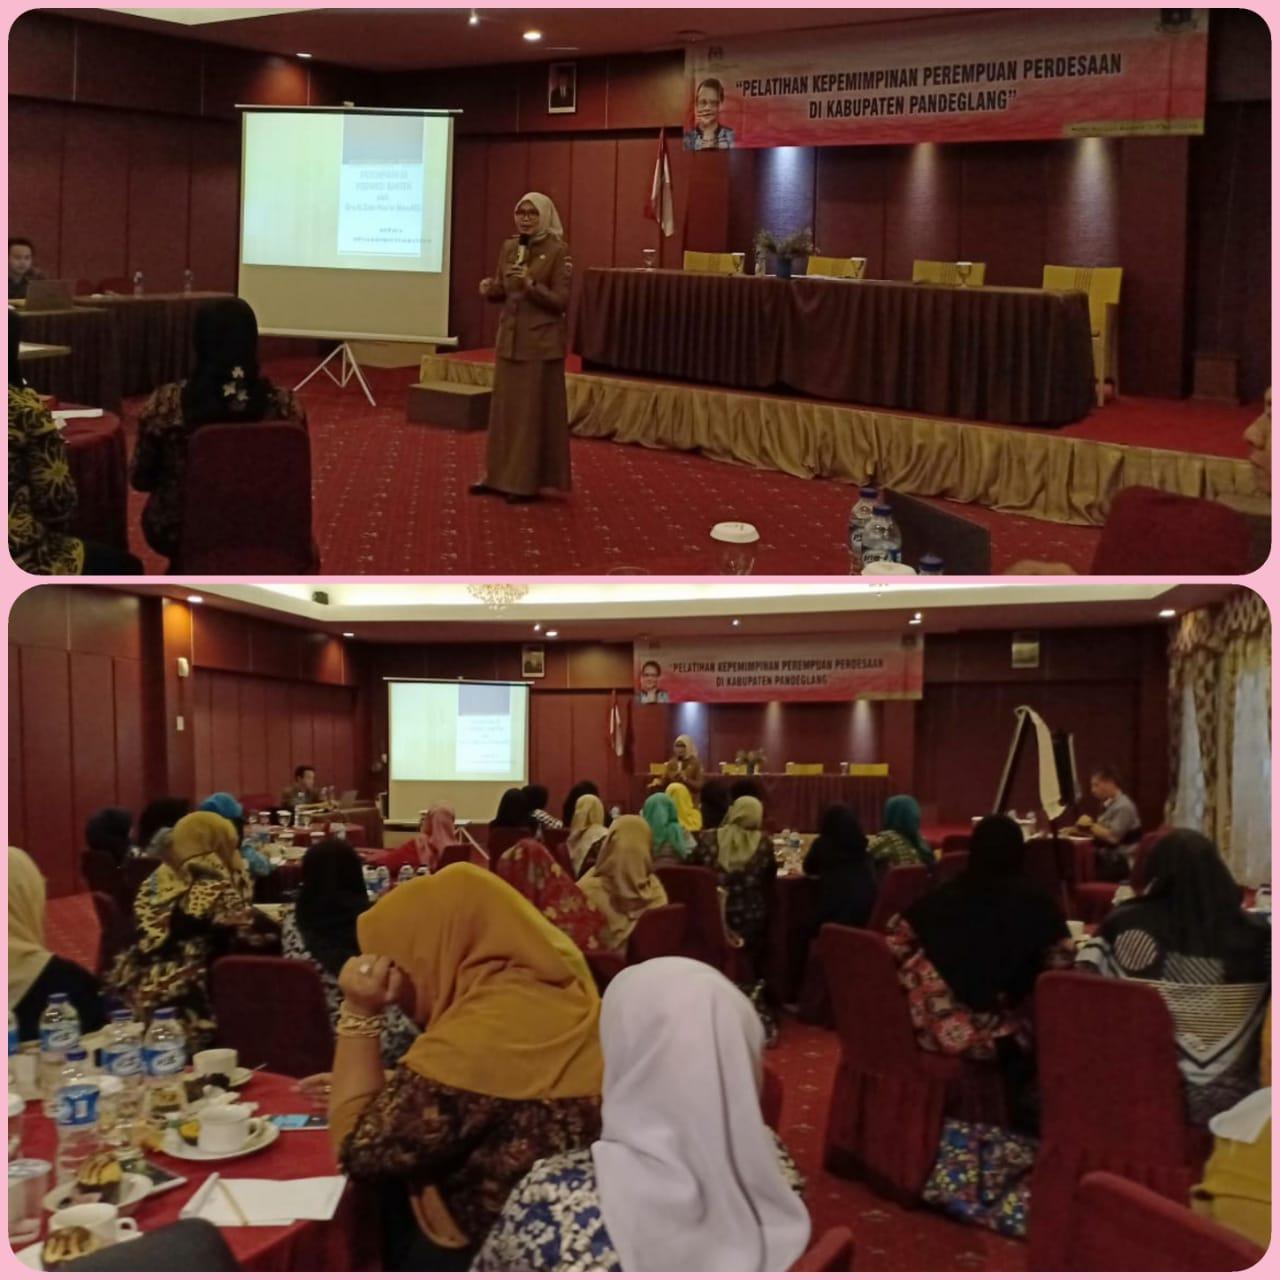 Pelatihan Kepemimpinan Perempuan Perdesaan di Horison Kab Pandeglang